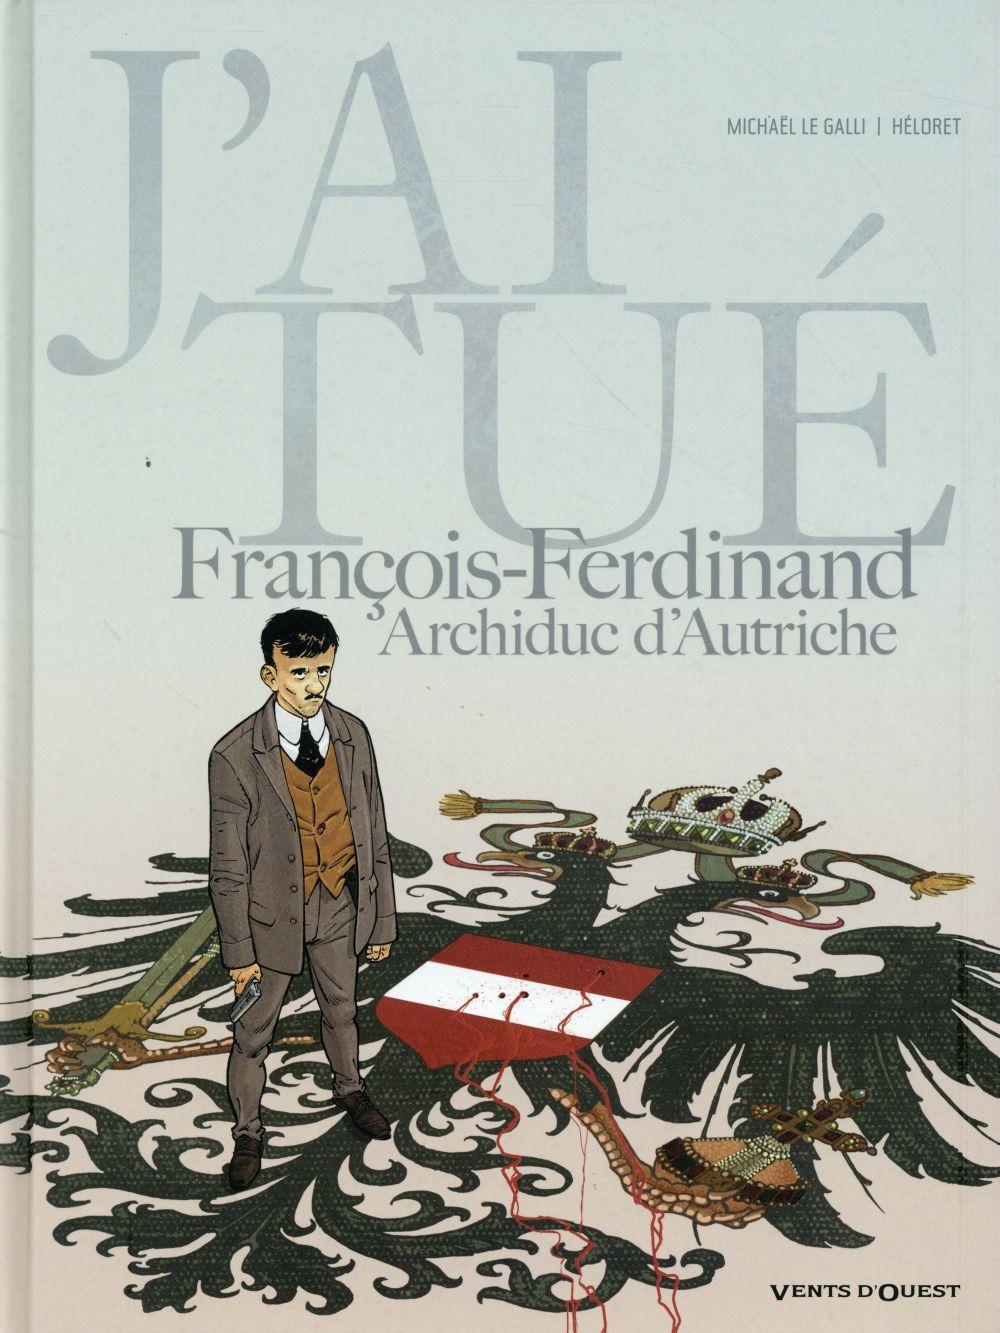 J'AI TUE ; j'ai tué ; François-Ferdinand, Archiduc d'Autriche